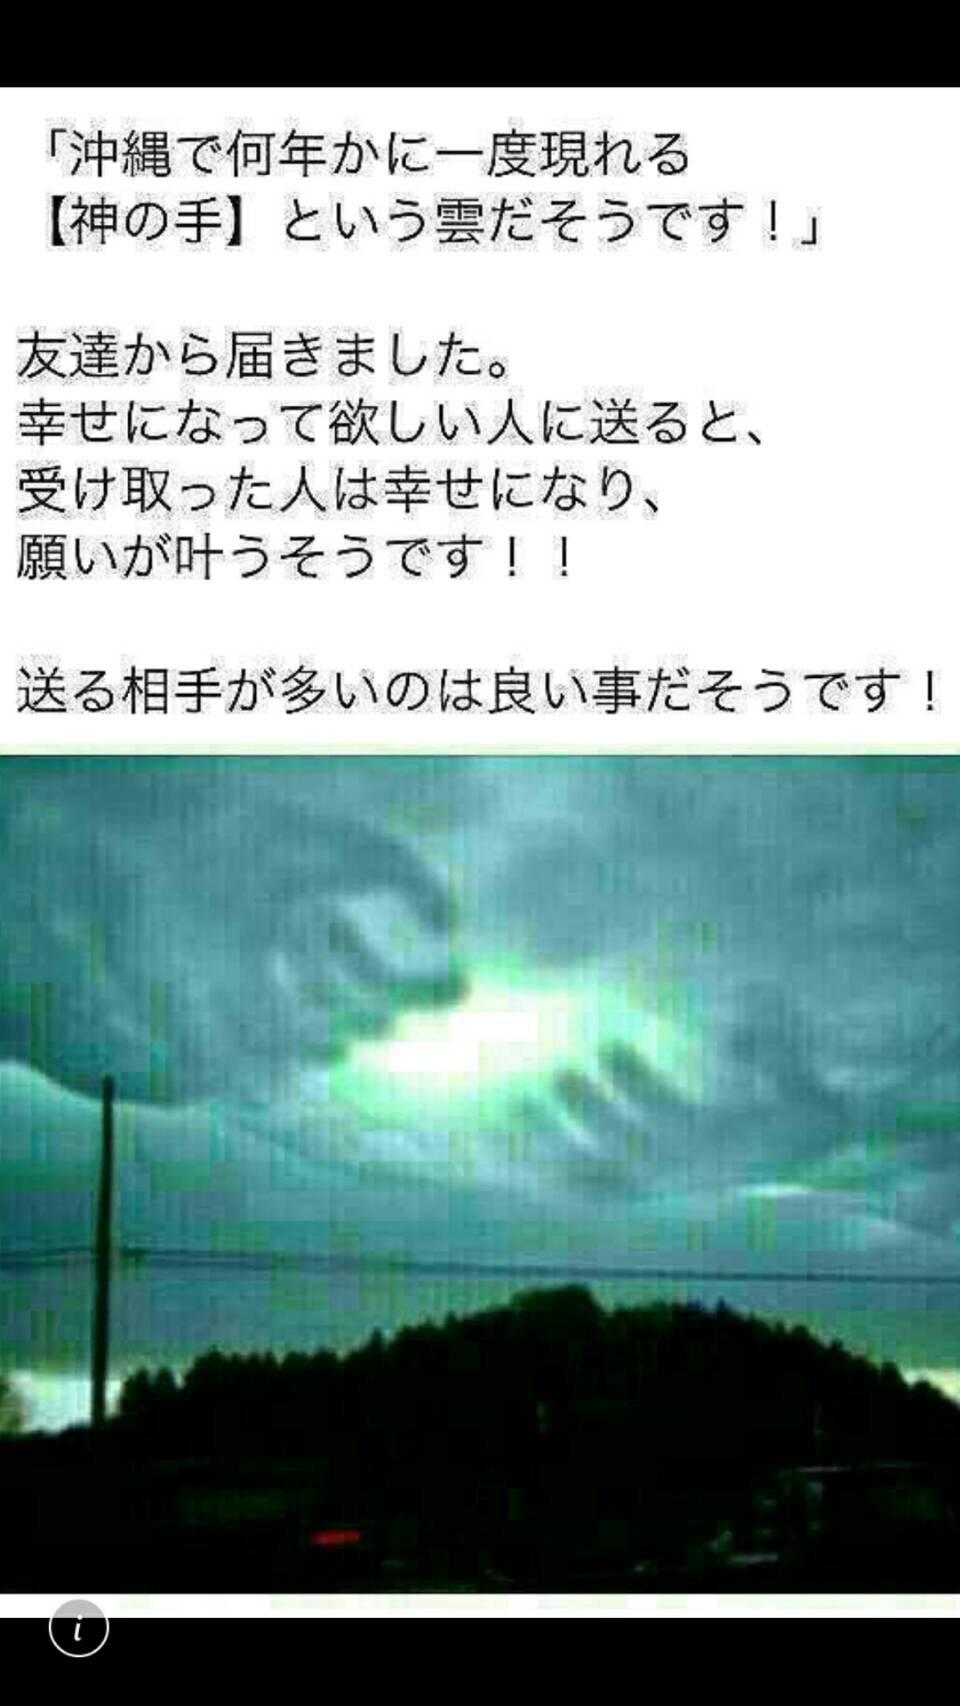 神 の 手 元 ネタ チェーンメール「神の手の雲」は合成だった!?